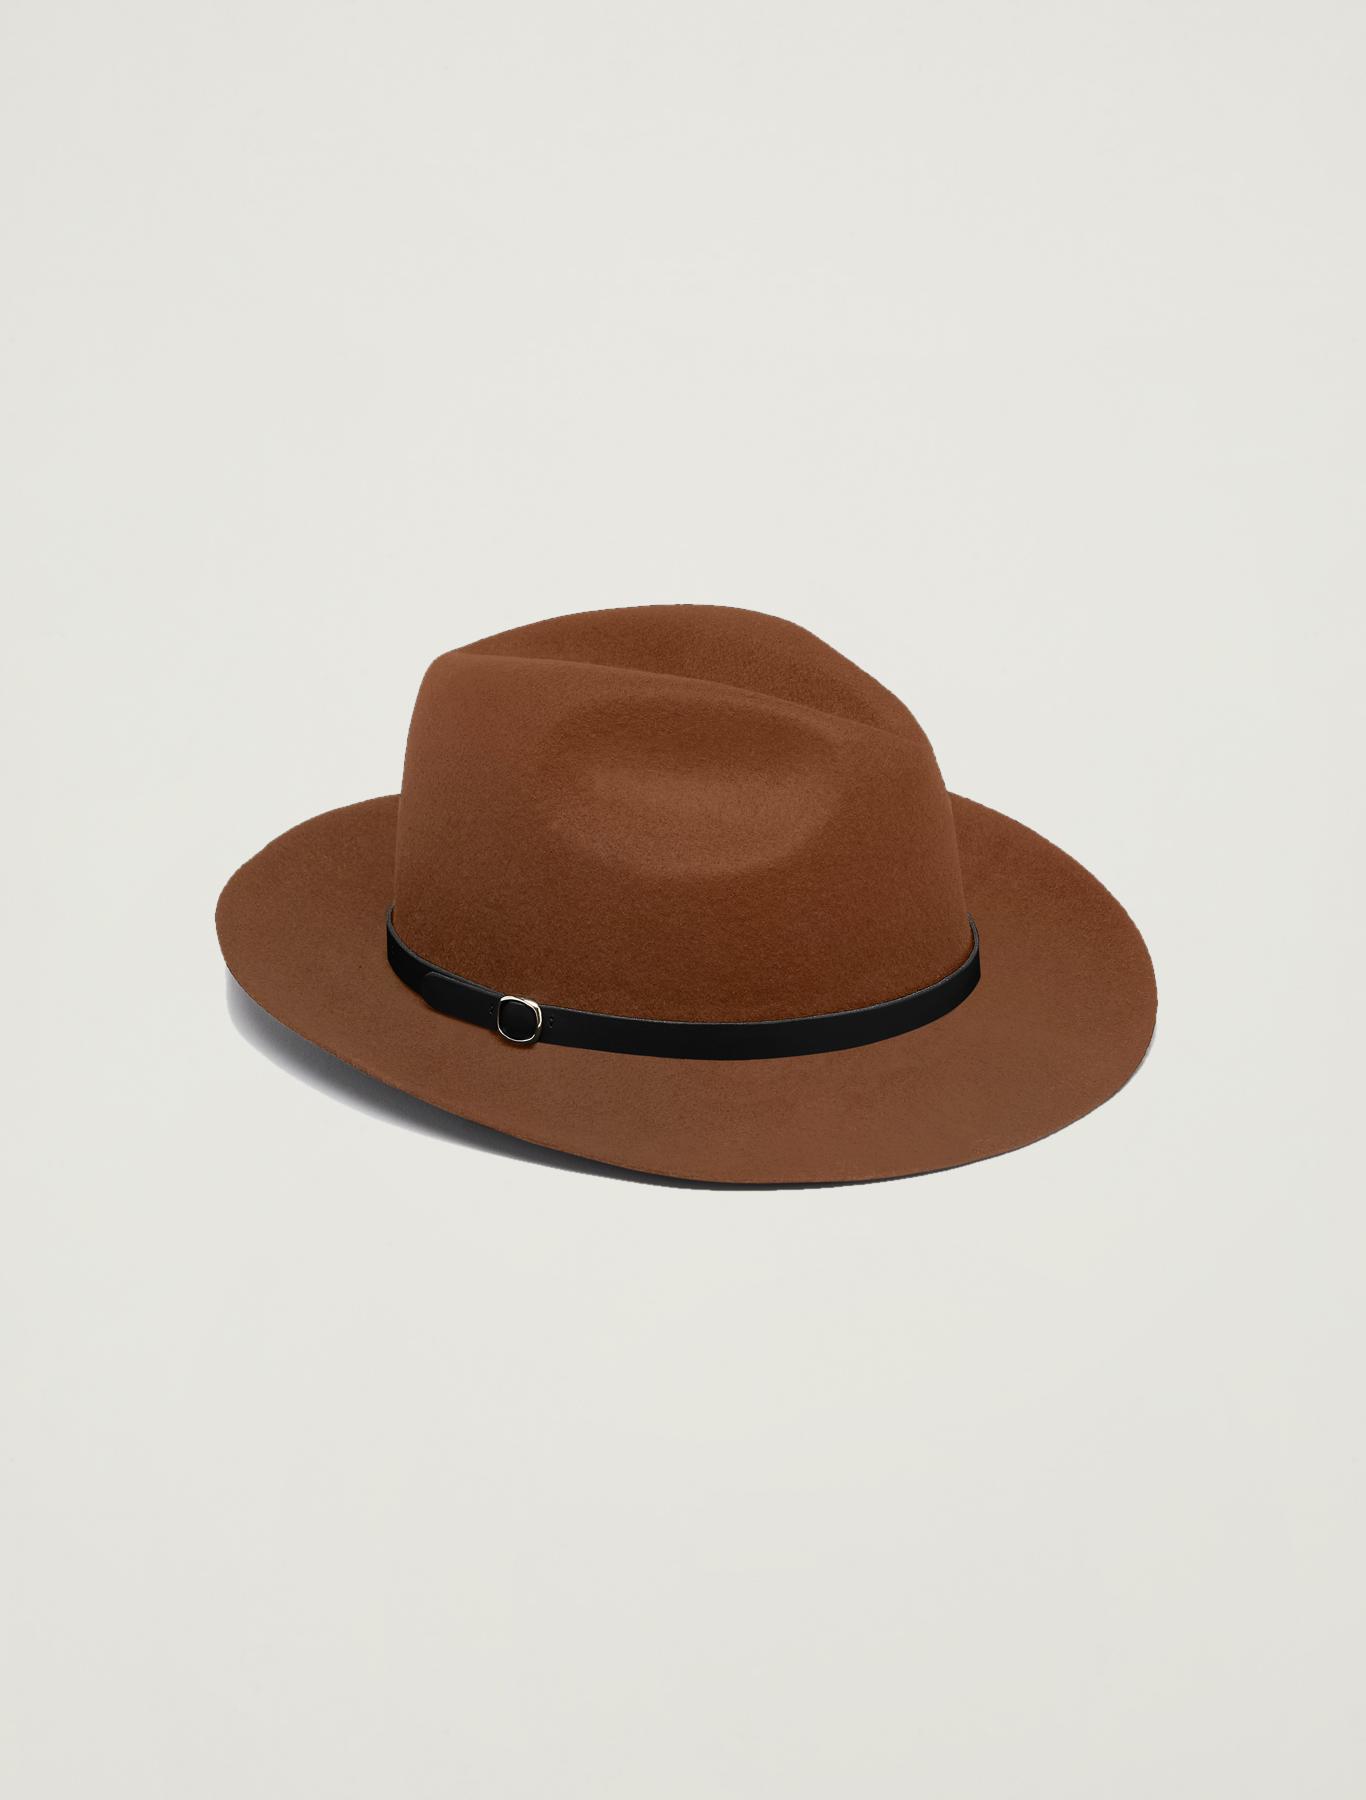 Felt gaucho hat - tan - pennyblack